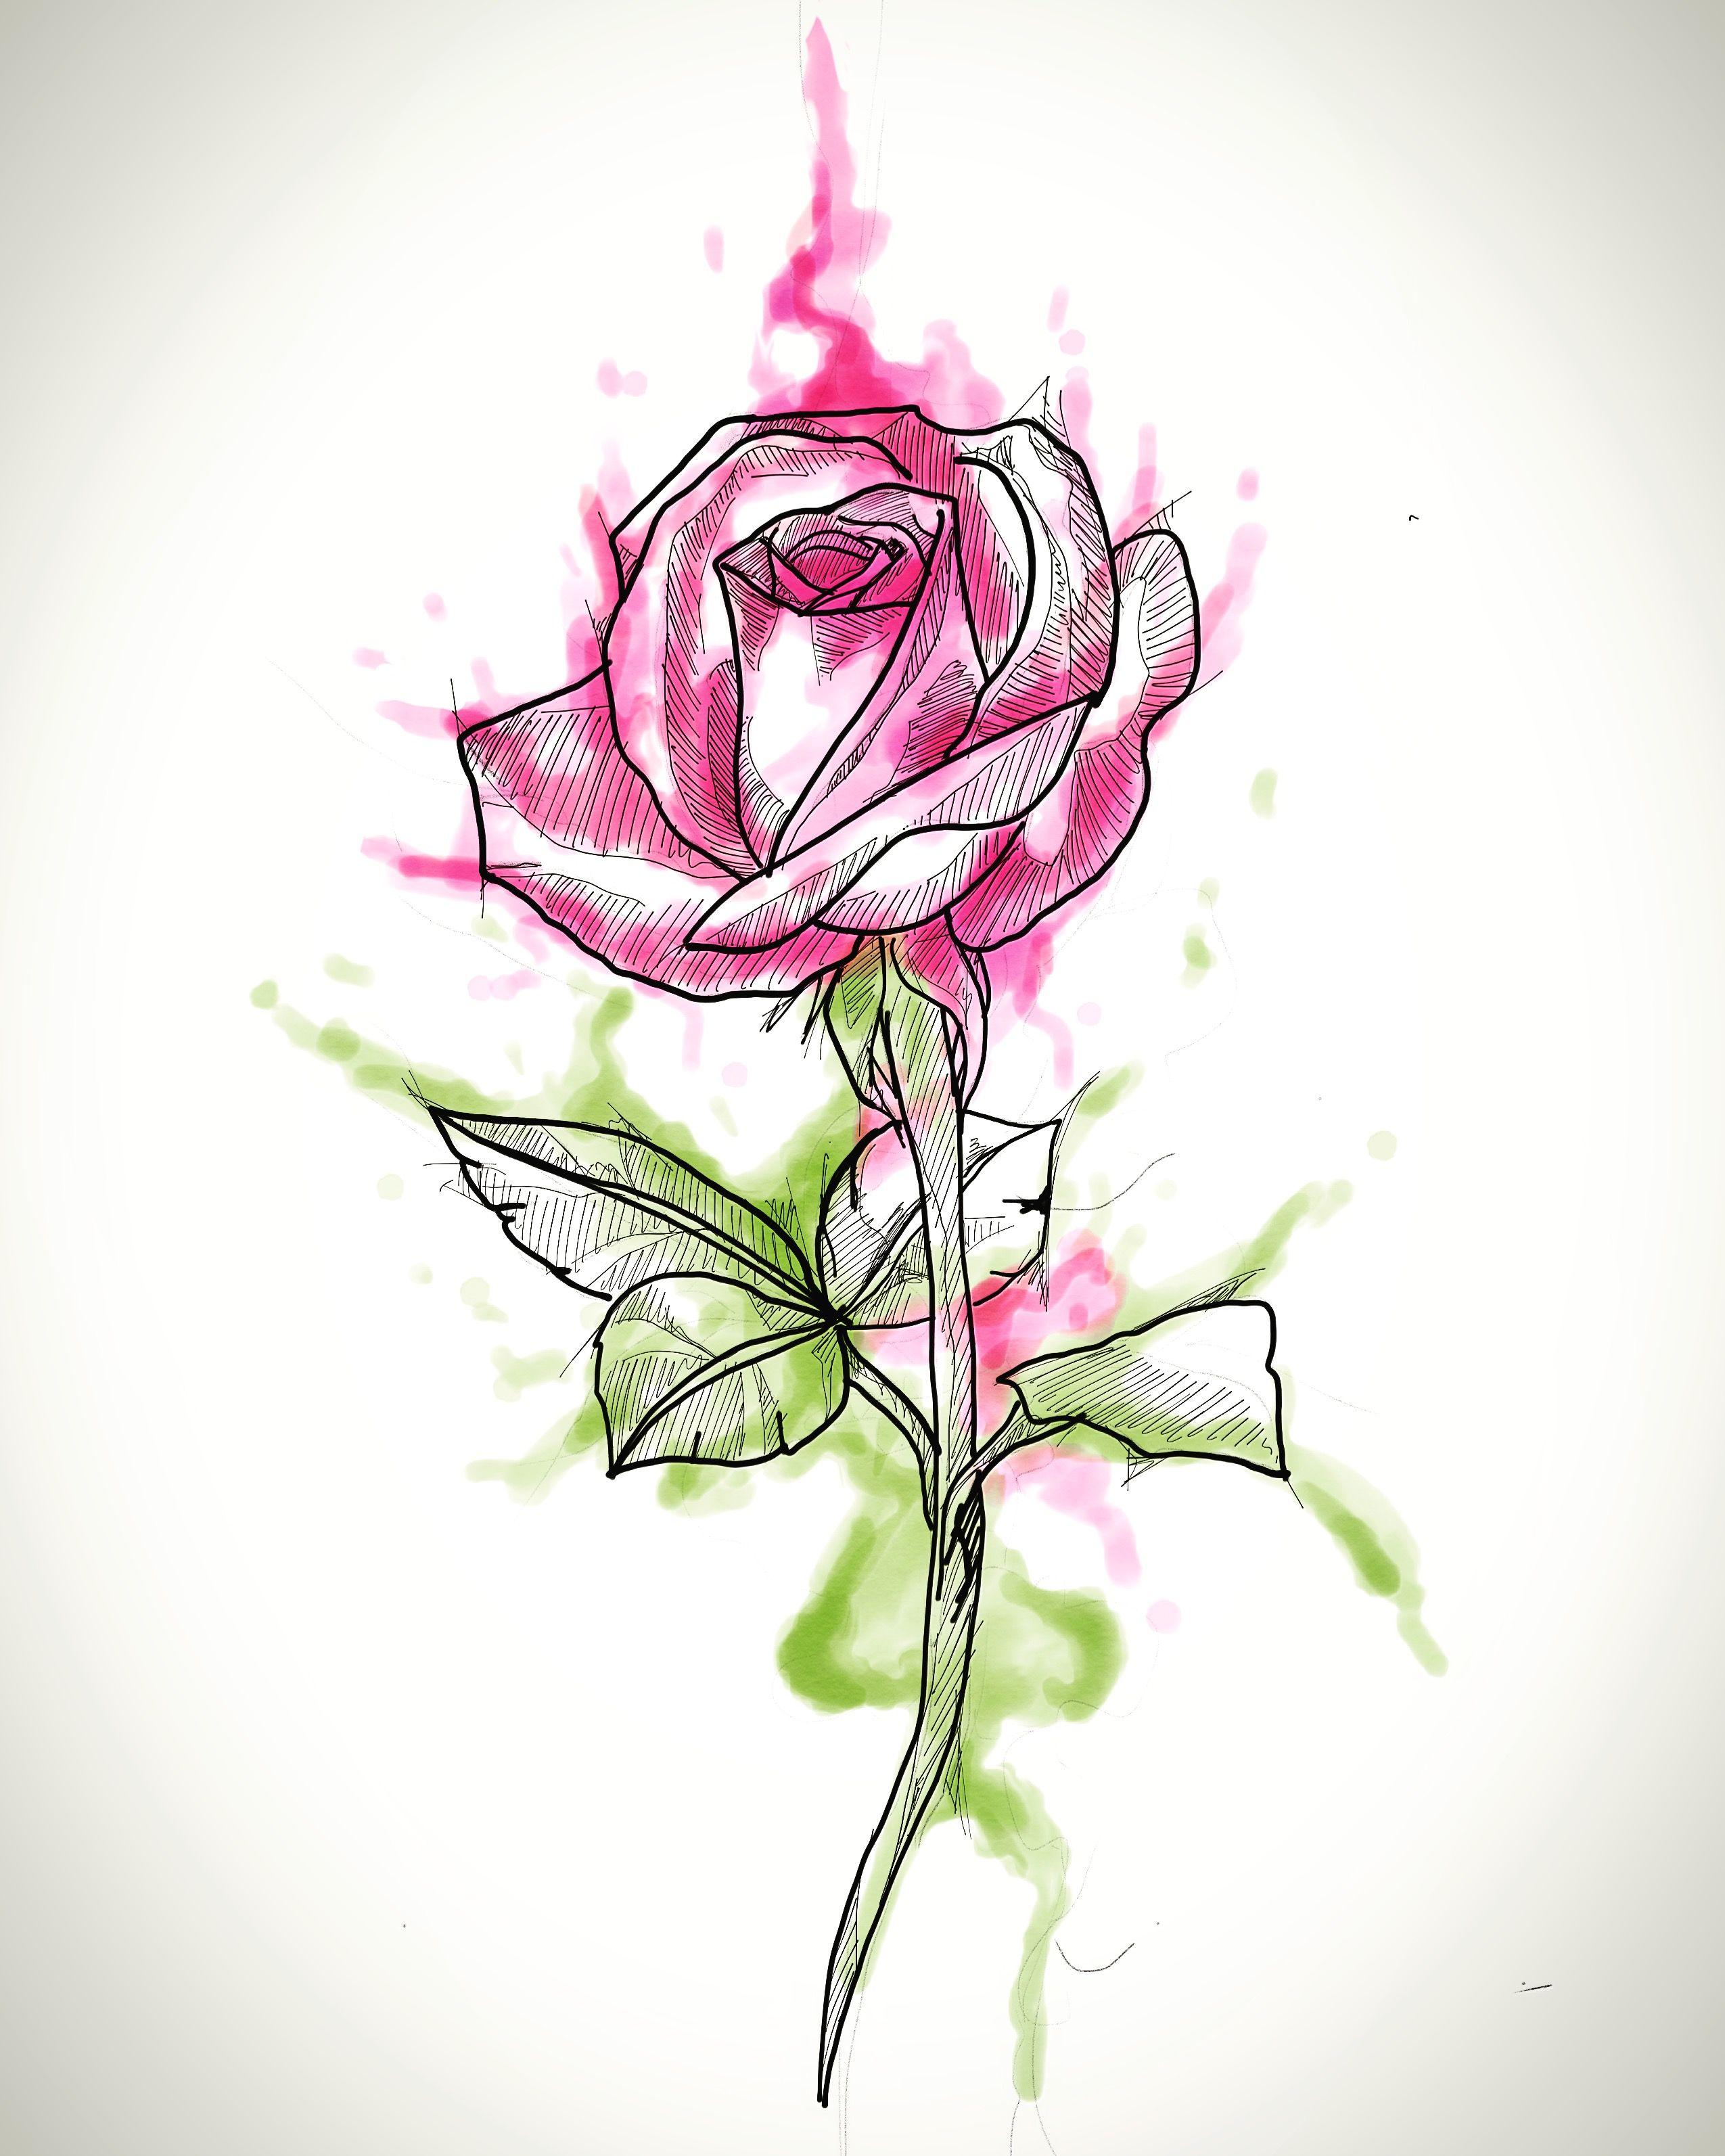 Pin De Tiago Ramos Tattoo Em Art Flor Aquarela Aquarela